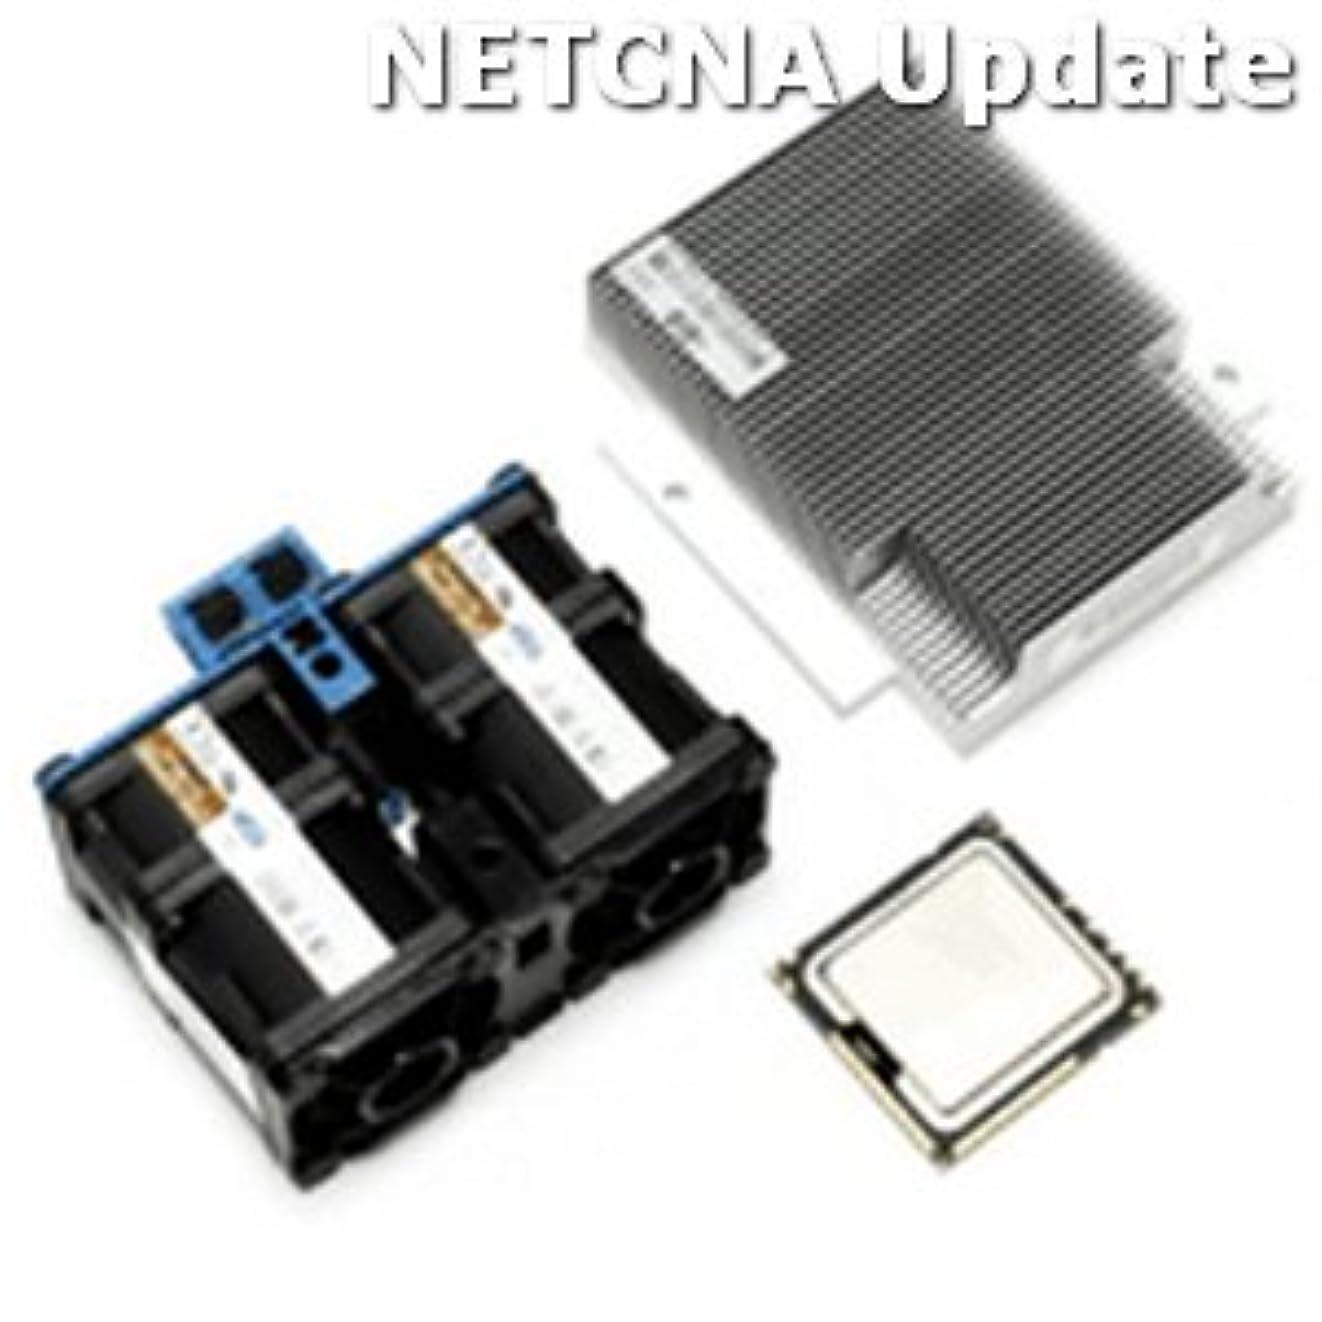 マウンド影カテゴリー633789-b21 HP Xeon e5606 2.13 GHz dl360 g7互換製品by NETCNA